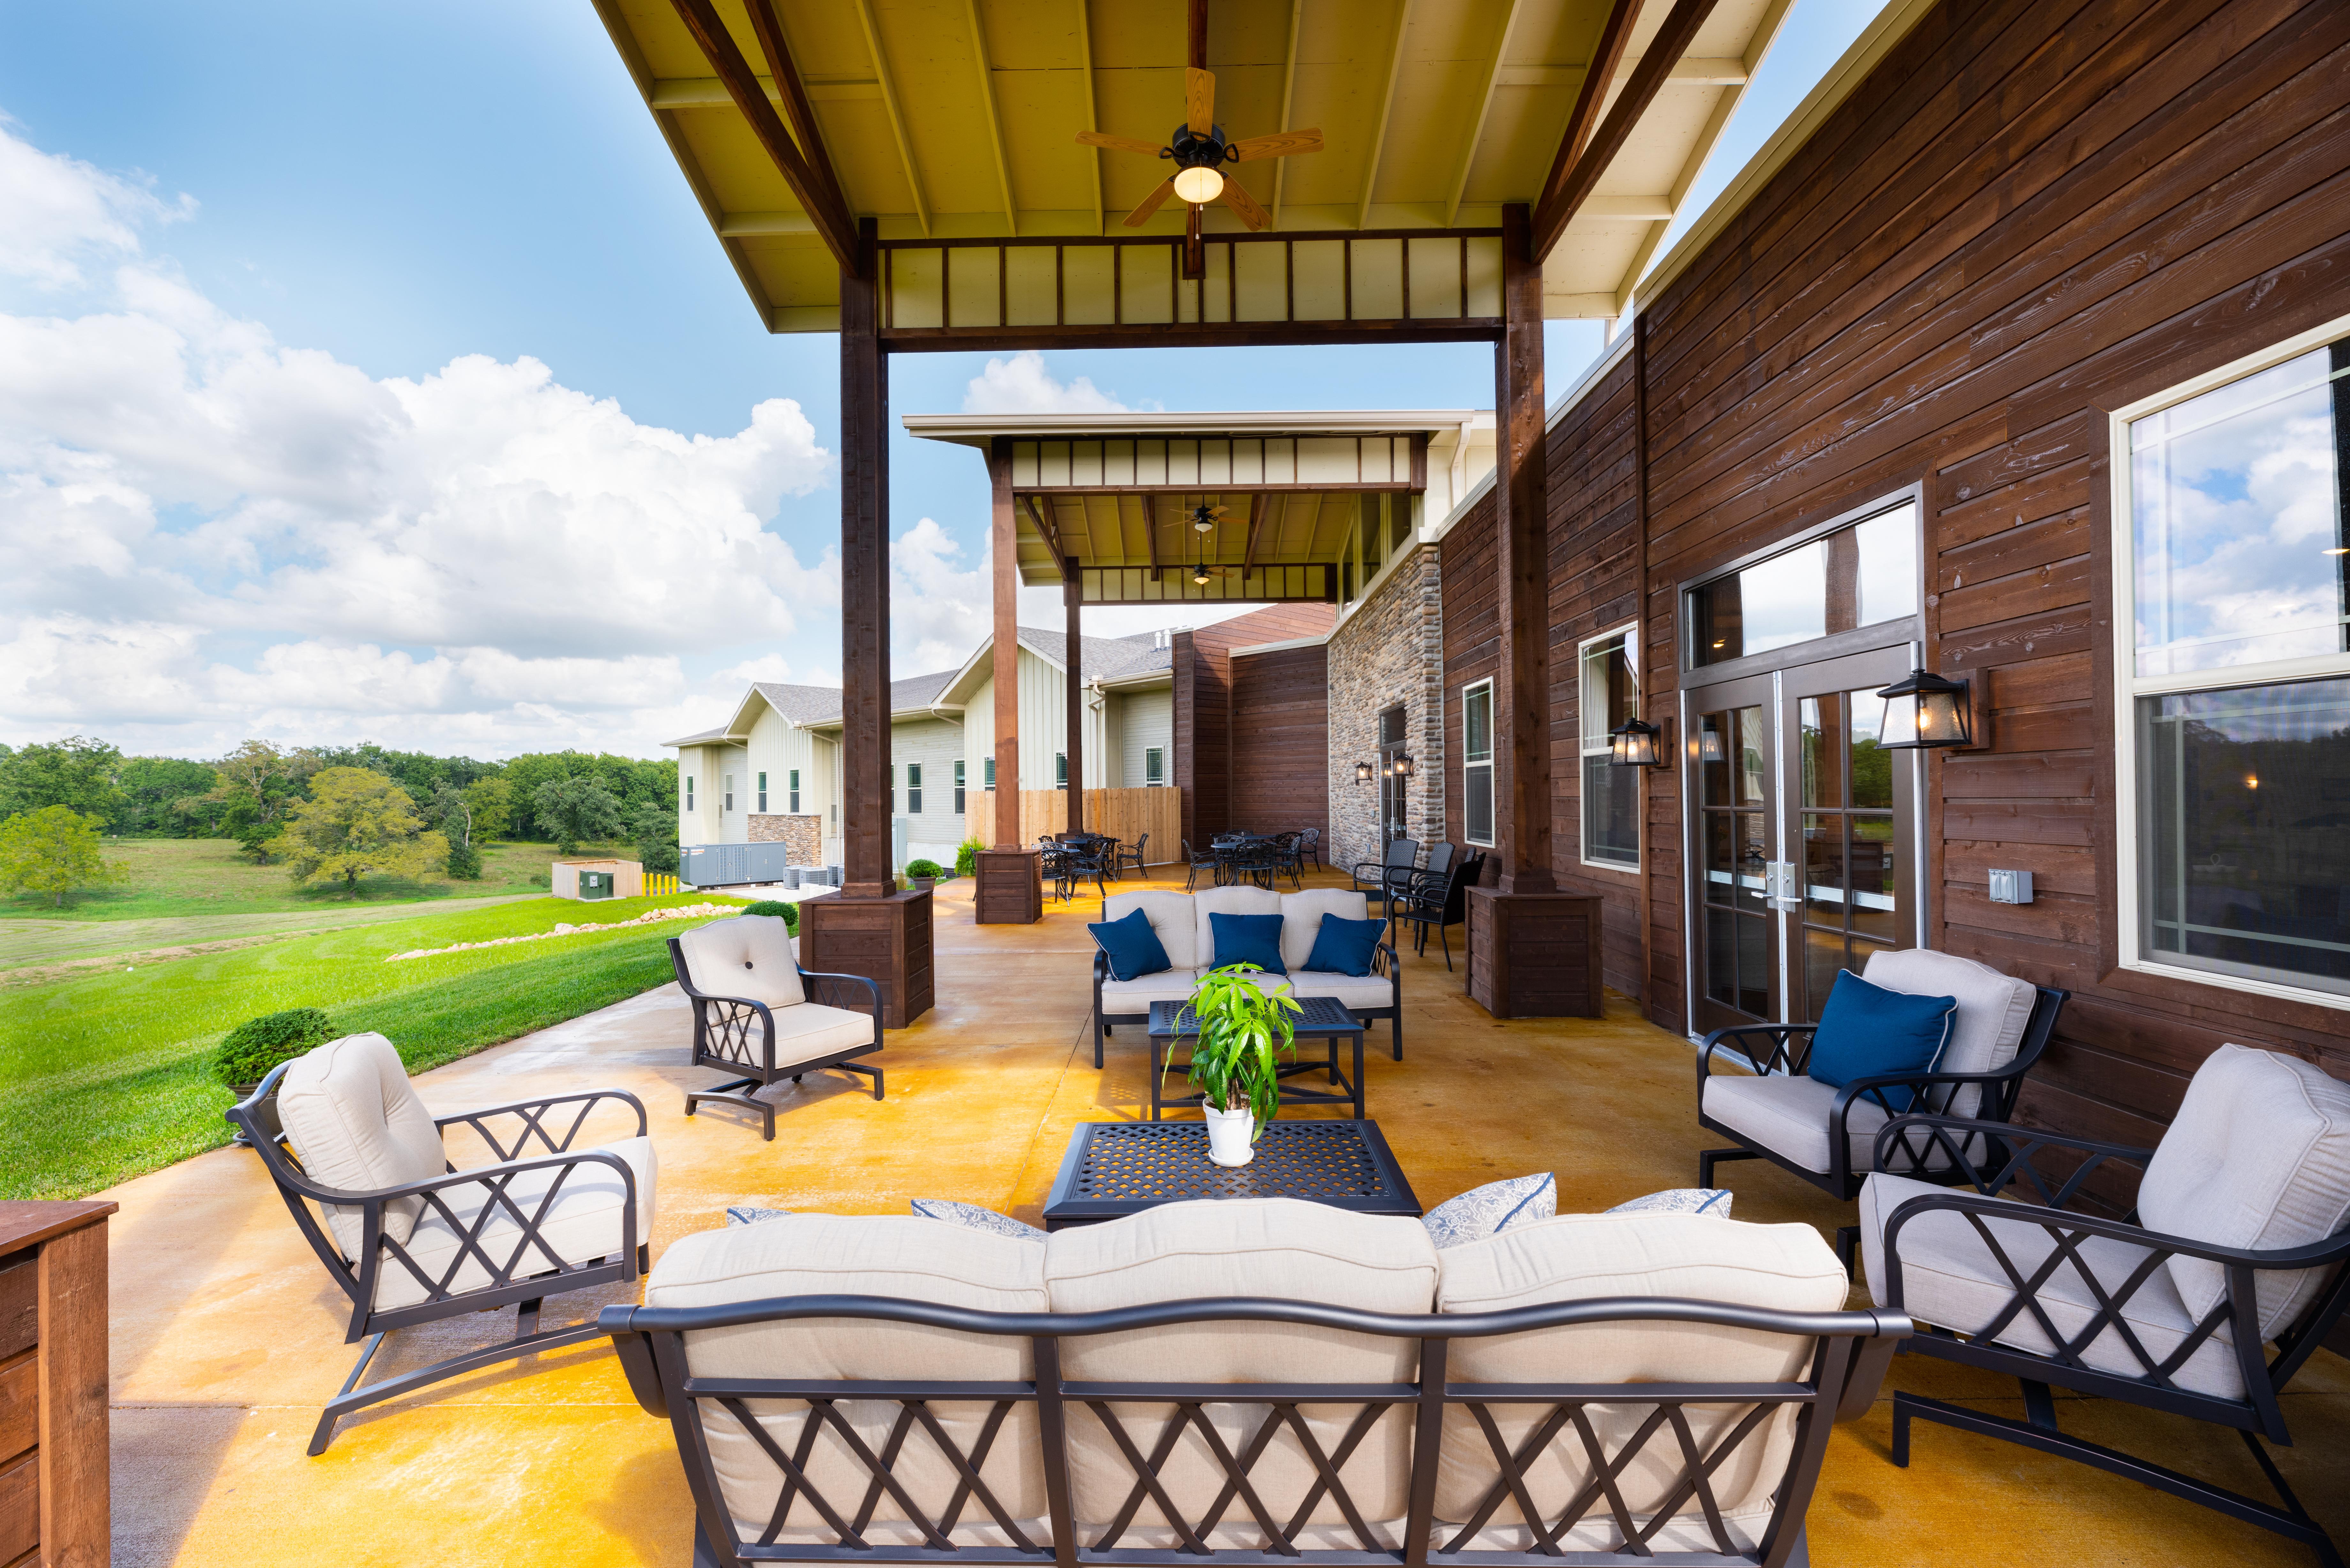 Outdoor Rest Area